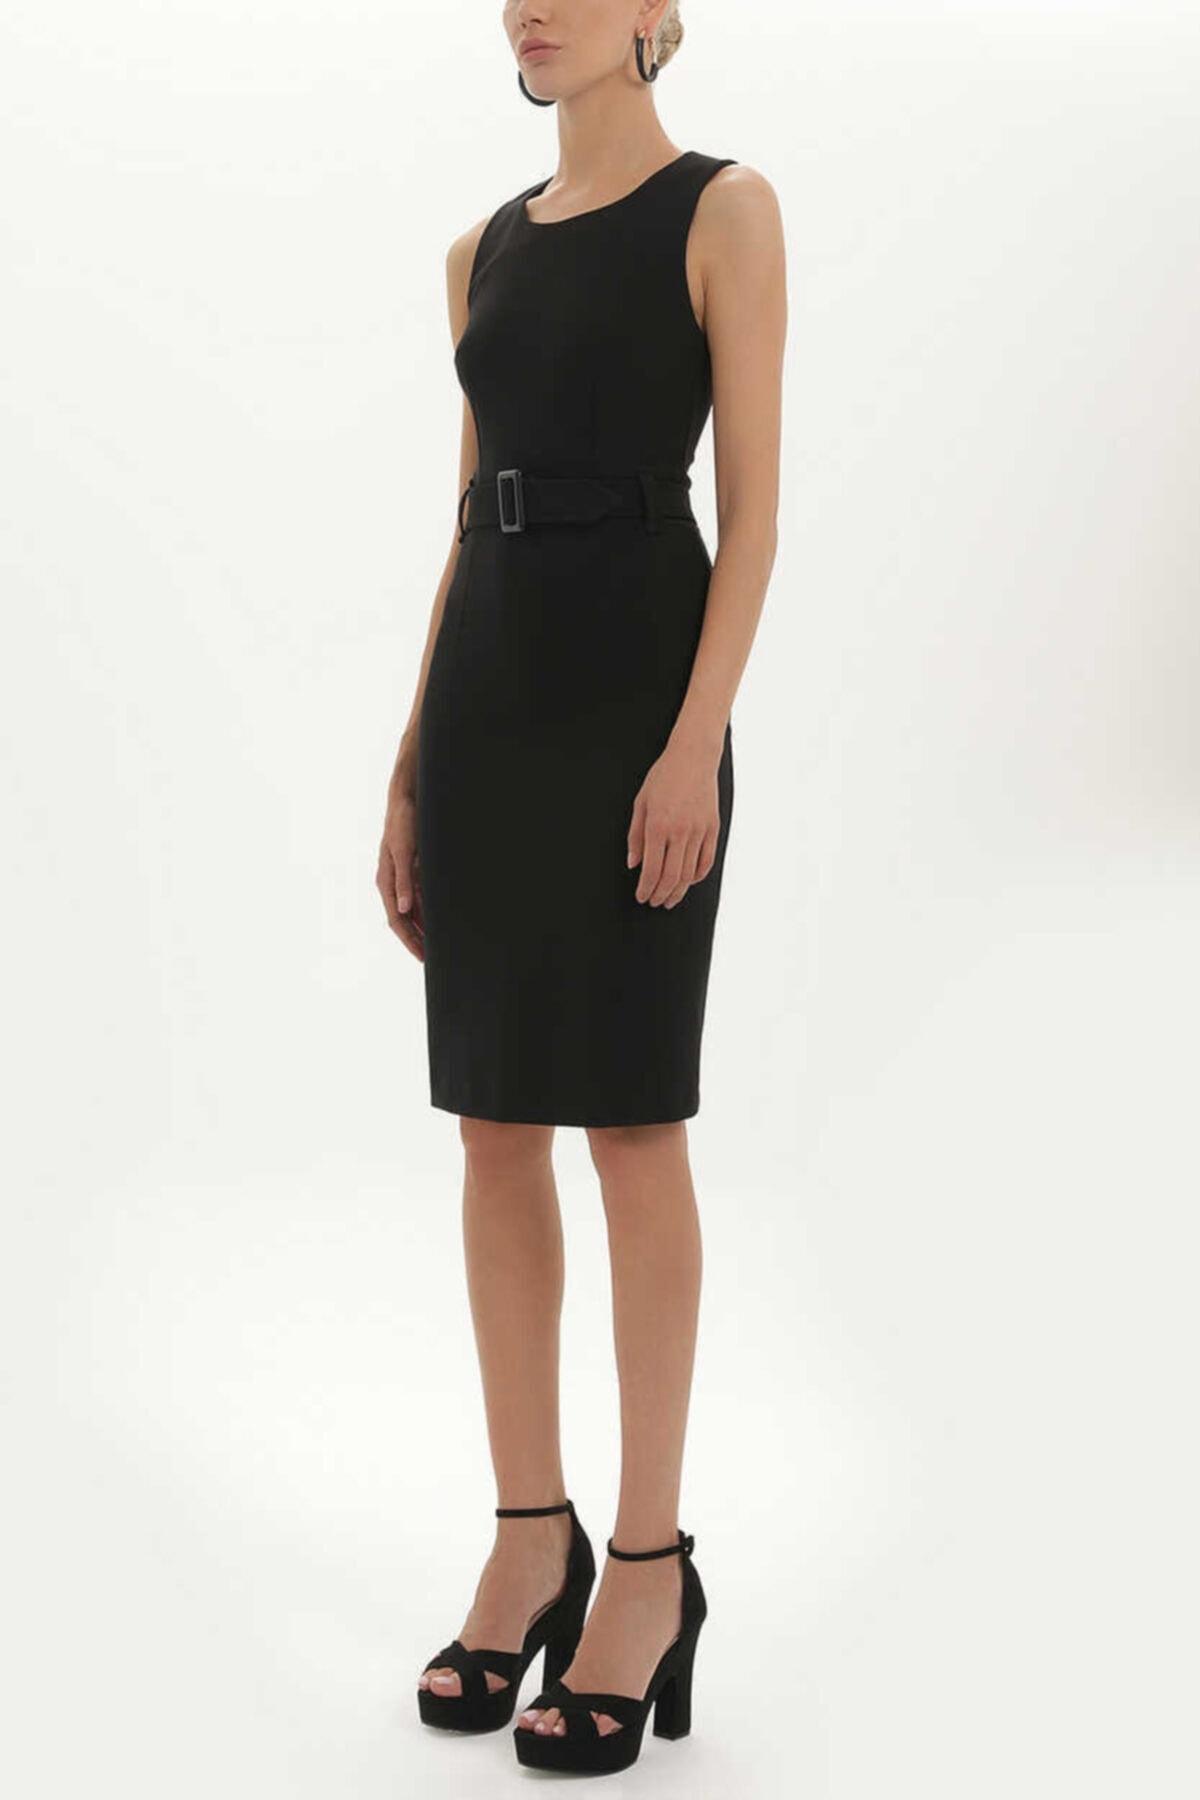 SOCIETA - Kemerli Likralı Elbise 91728 Siyah 1